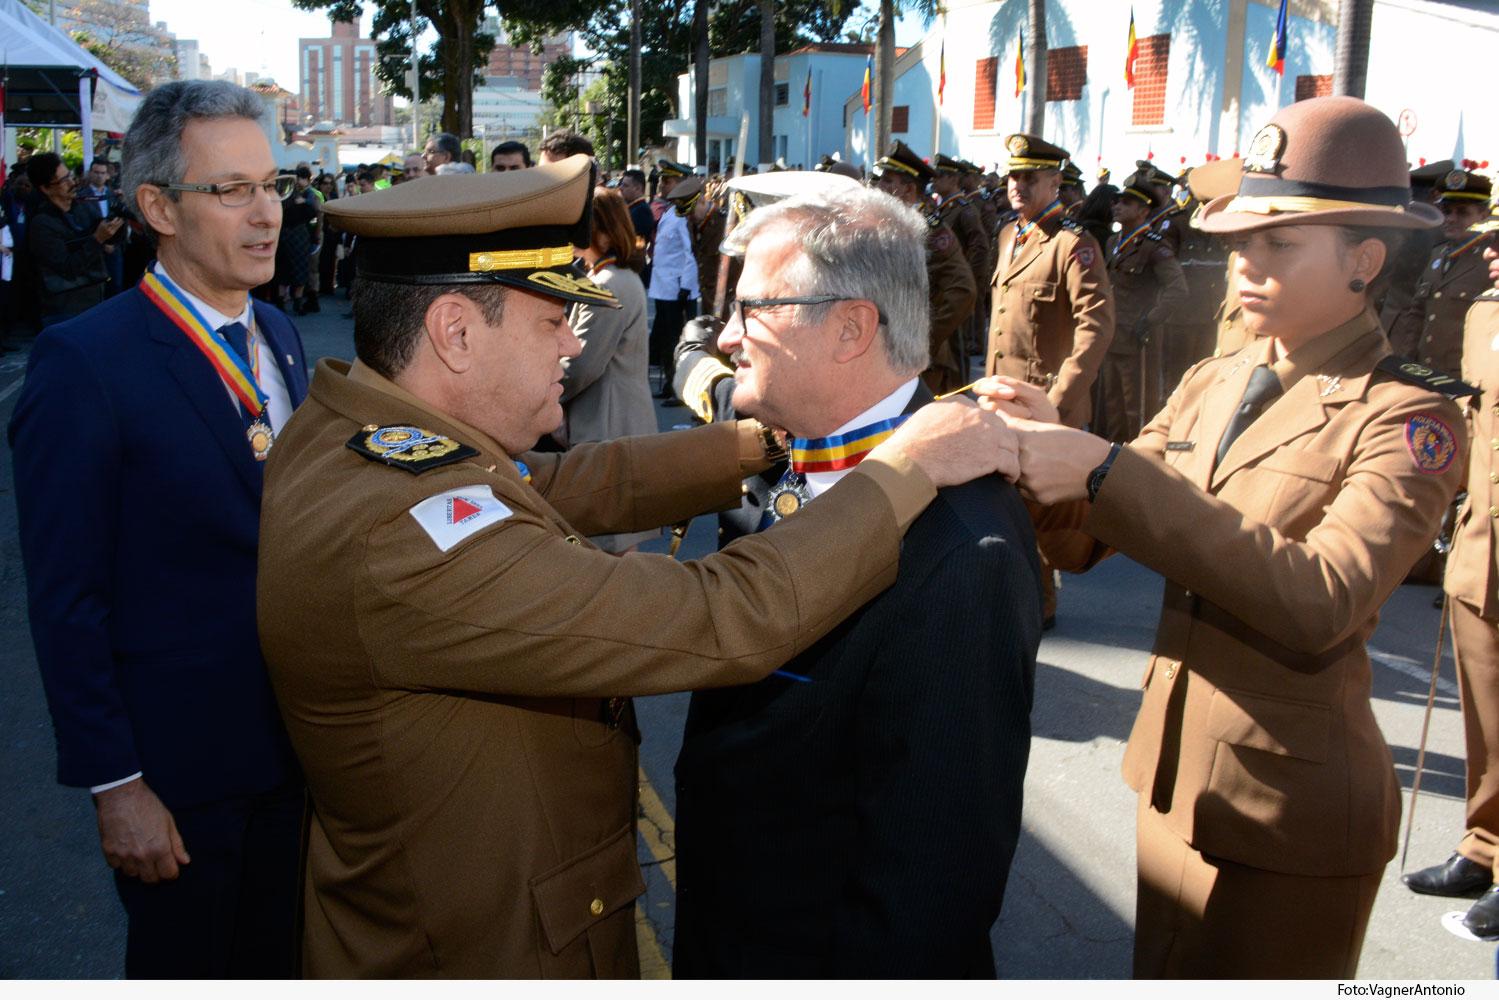 Noticia2-Medalha-Alferes-Tiradentes.Des-Caldeira-Brant-07.06.19.jpg